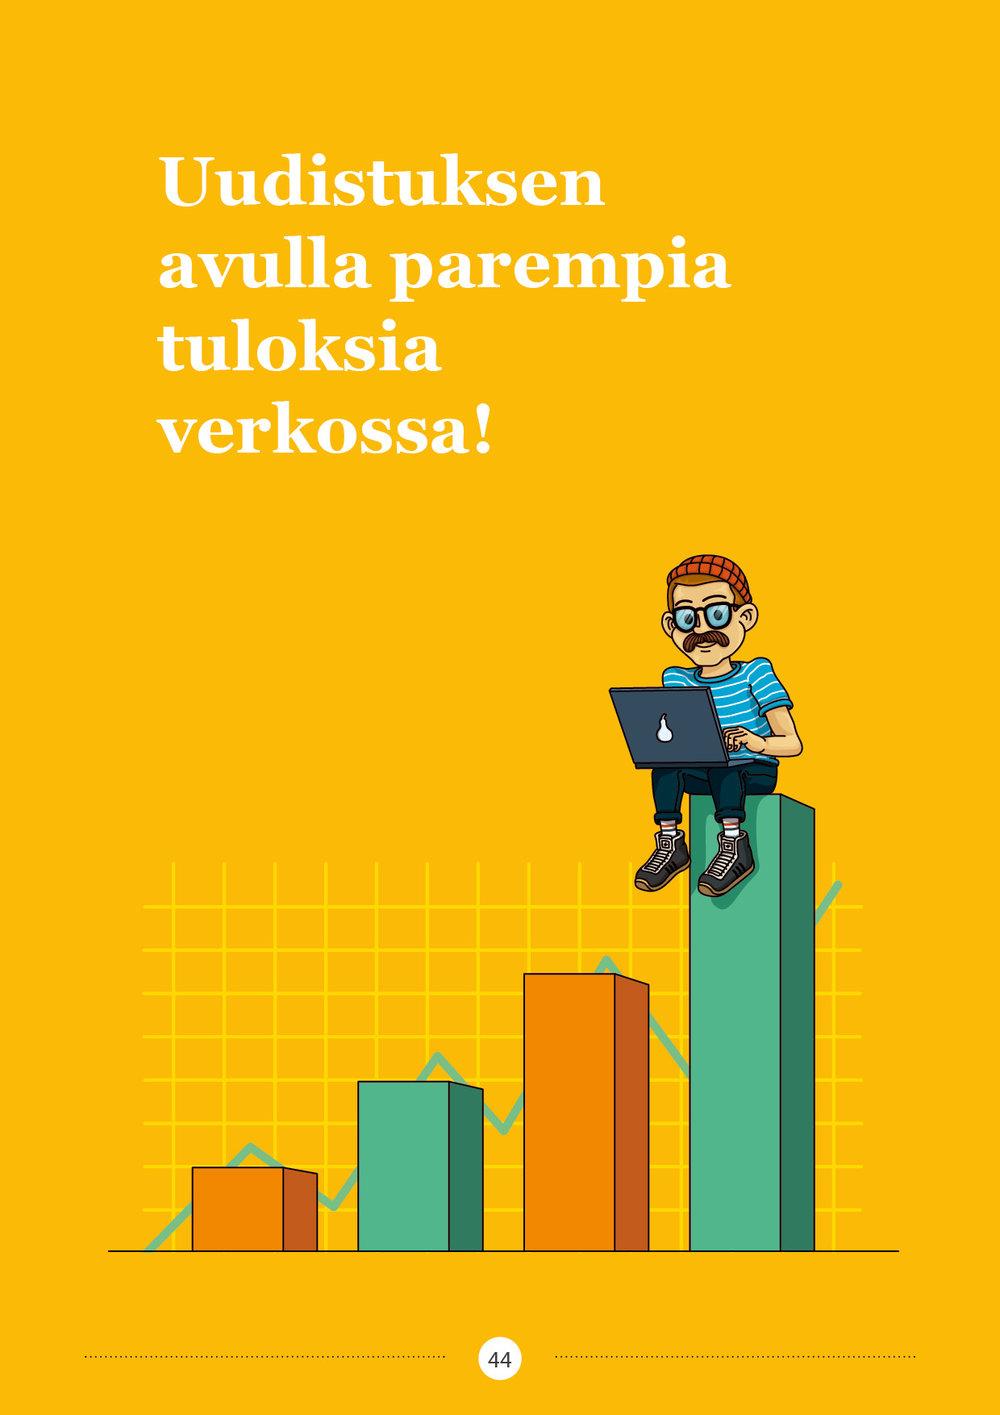 Uudistuksen avulla parempia tuloksia verkossa!